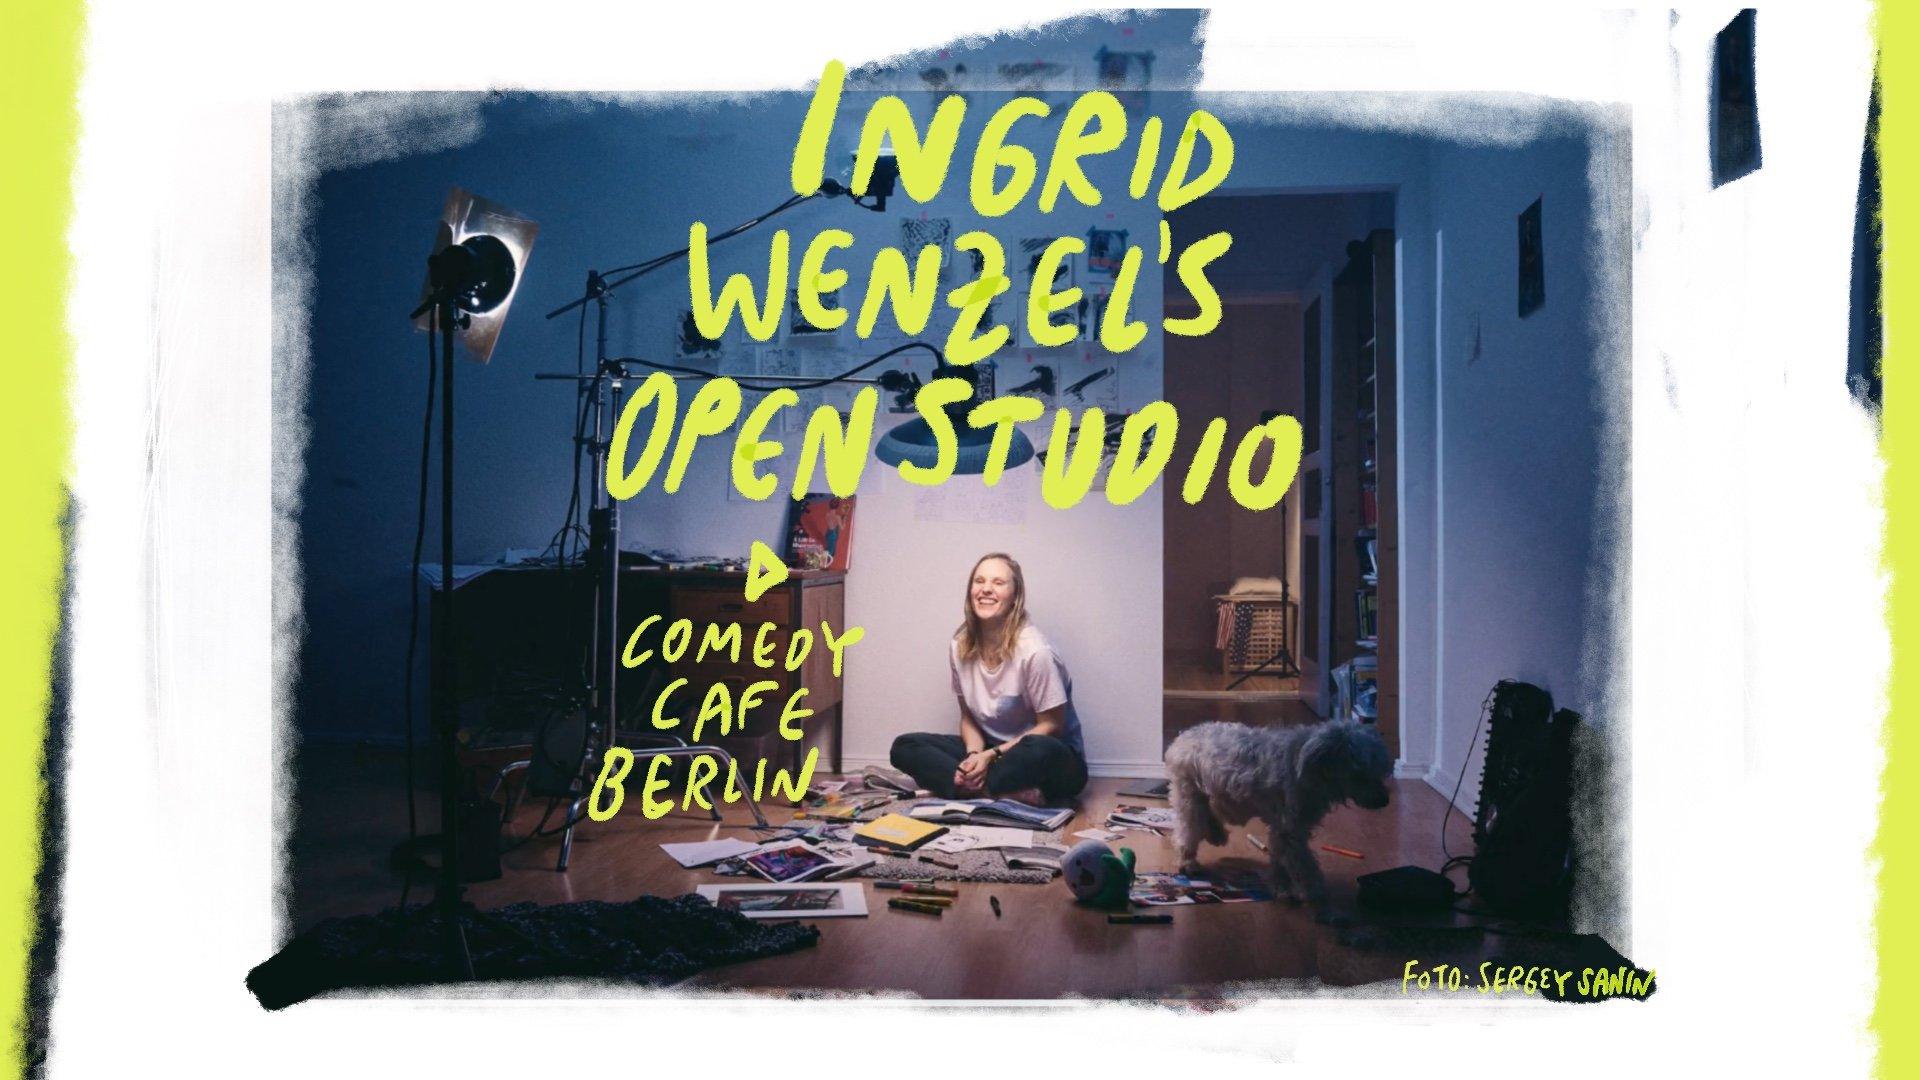 Ingrid Wenzel's Open Studio